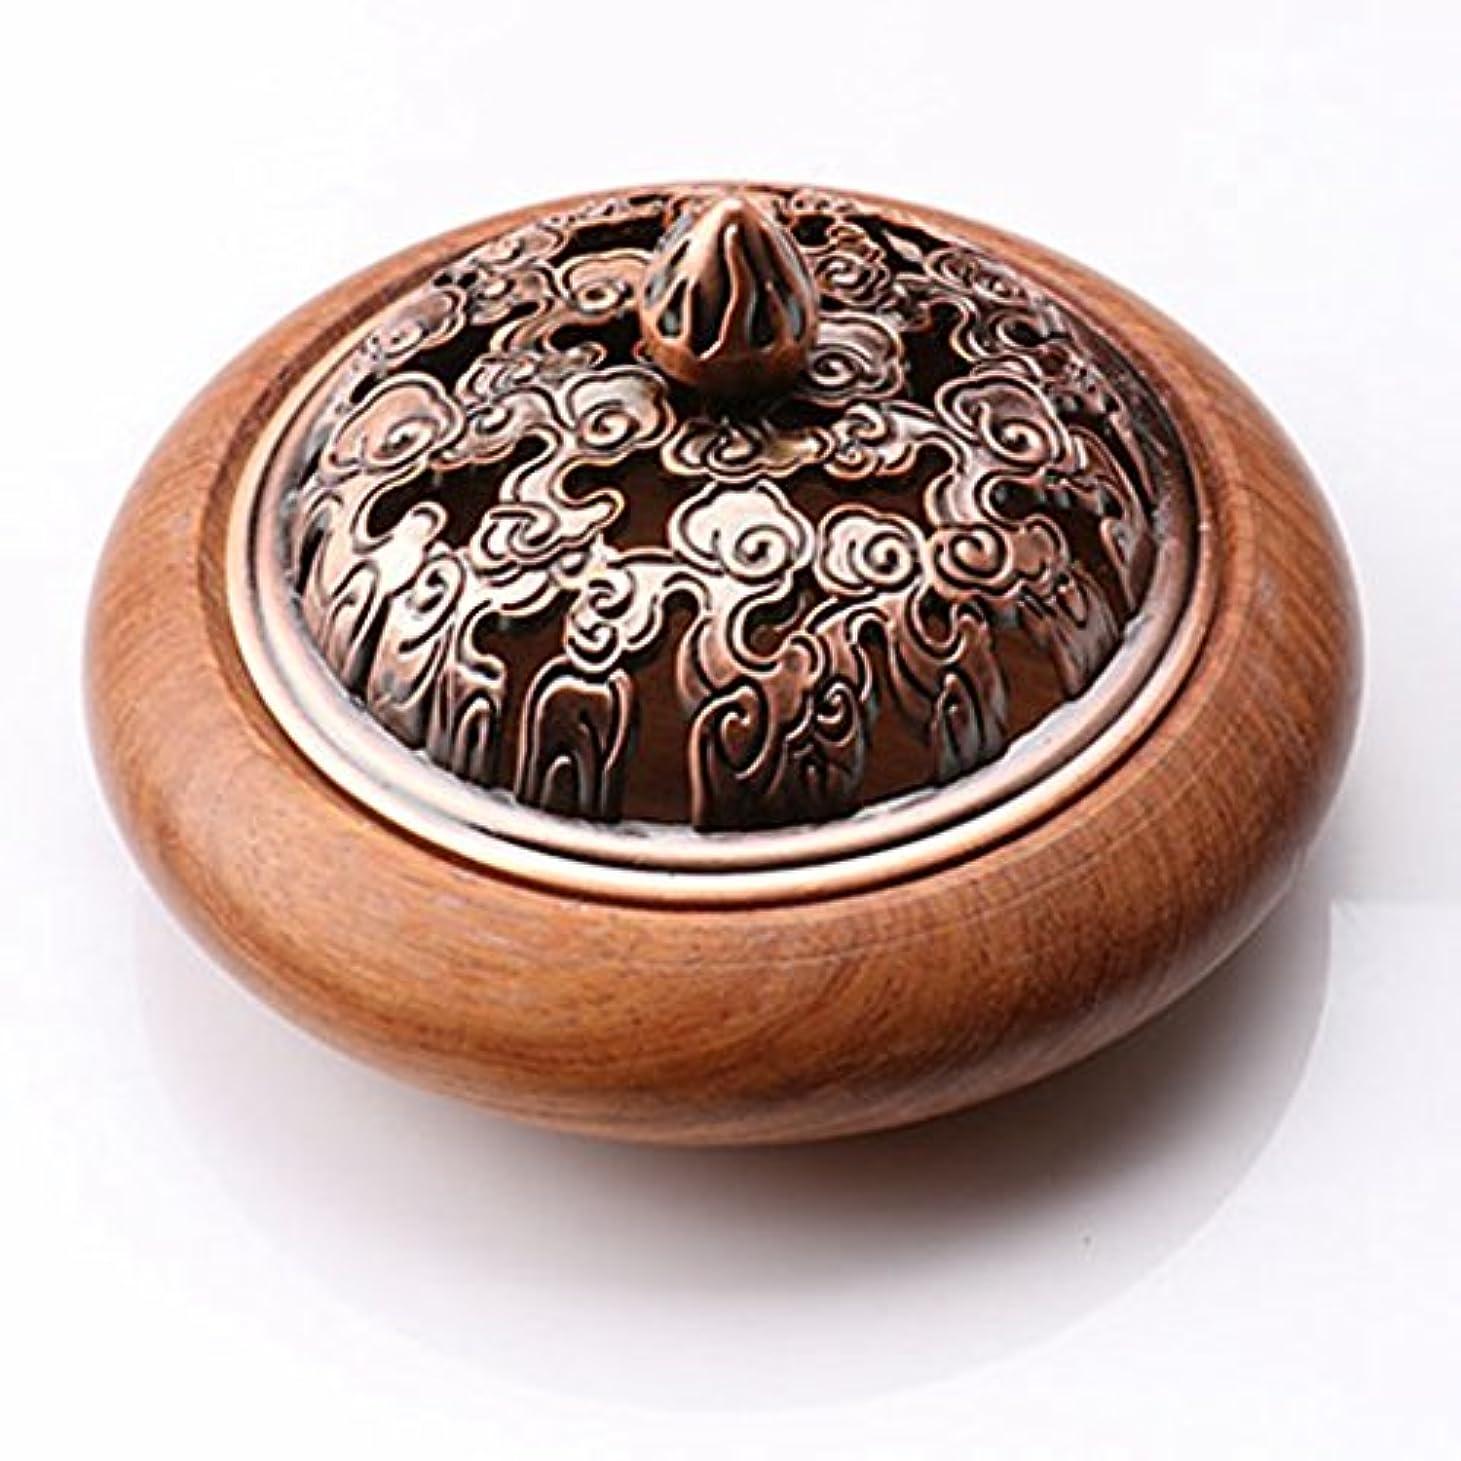 頬骨チョコレートコンピューター(ラシューバー) Lasuiveur 香炉 香立て 渦巻き線香 線香立て お香立て 木製